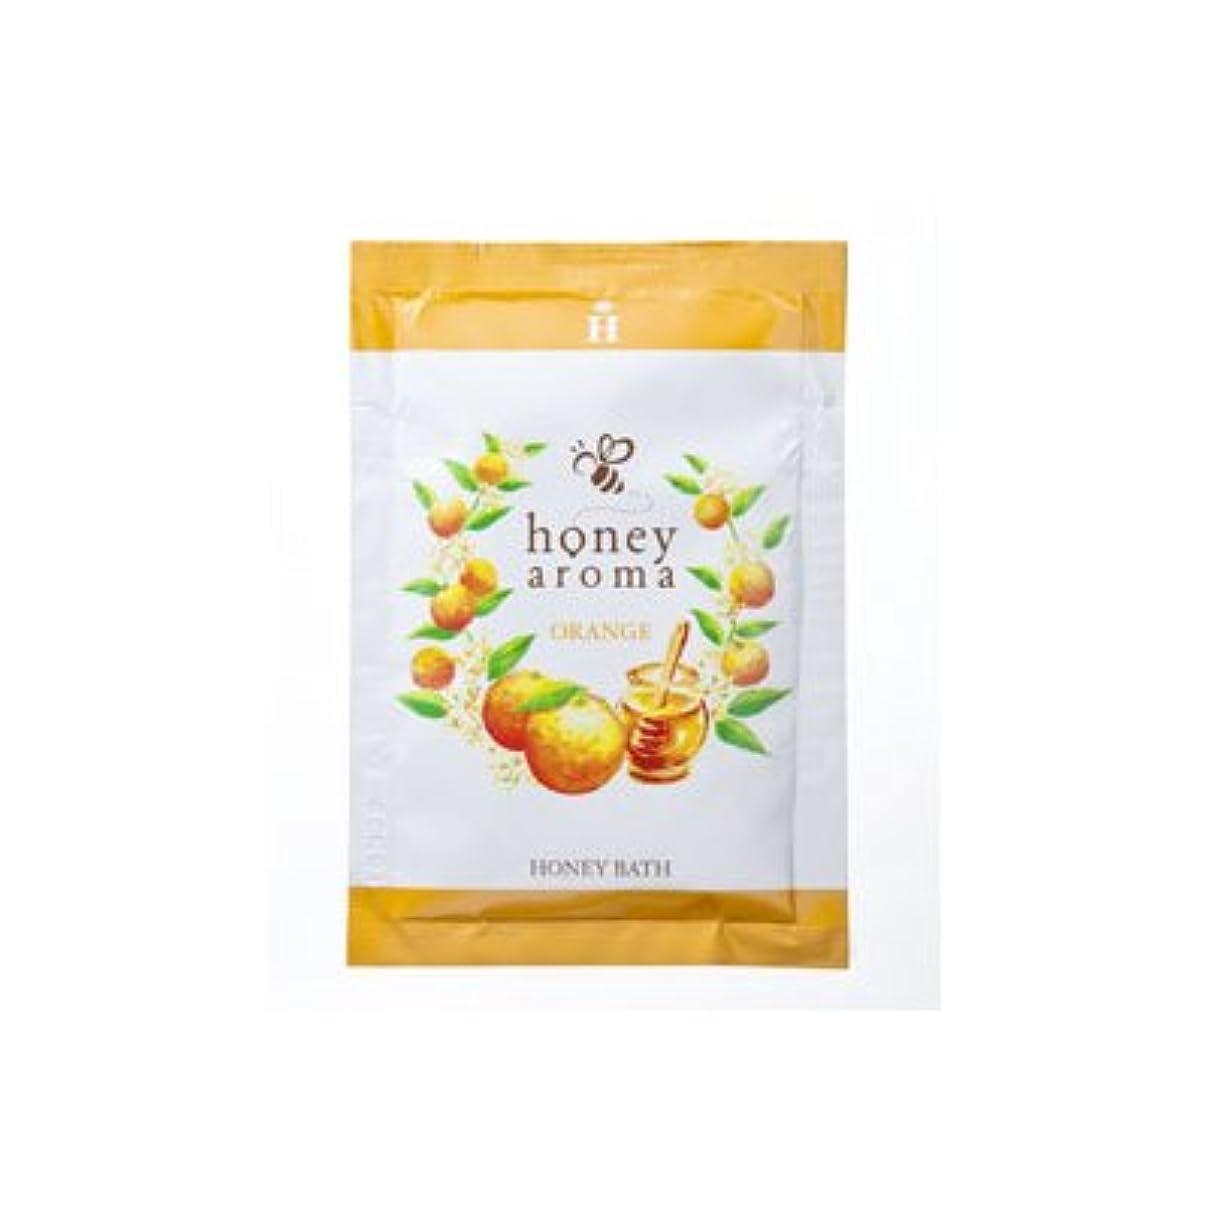 ロバ財産羊飼いハニーアロマ ハニーバス(入浴剤) 5包(オレンジの香り)